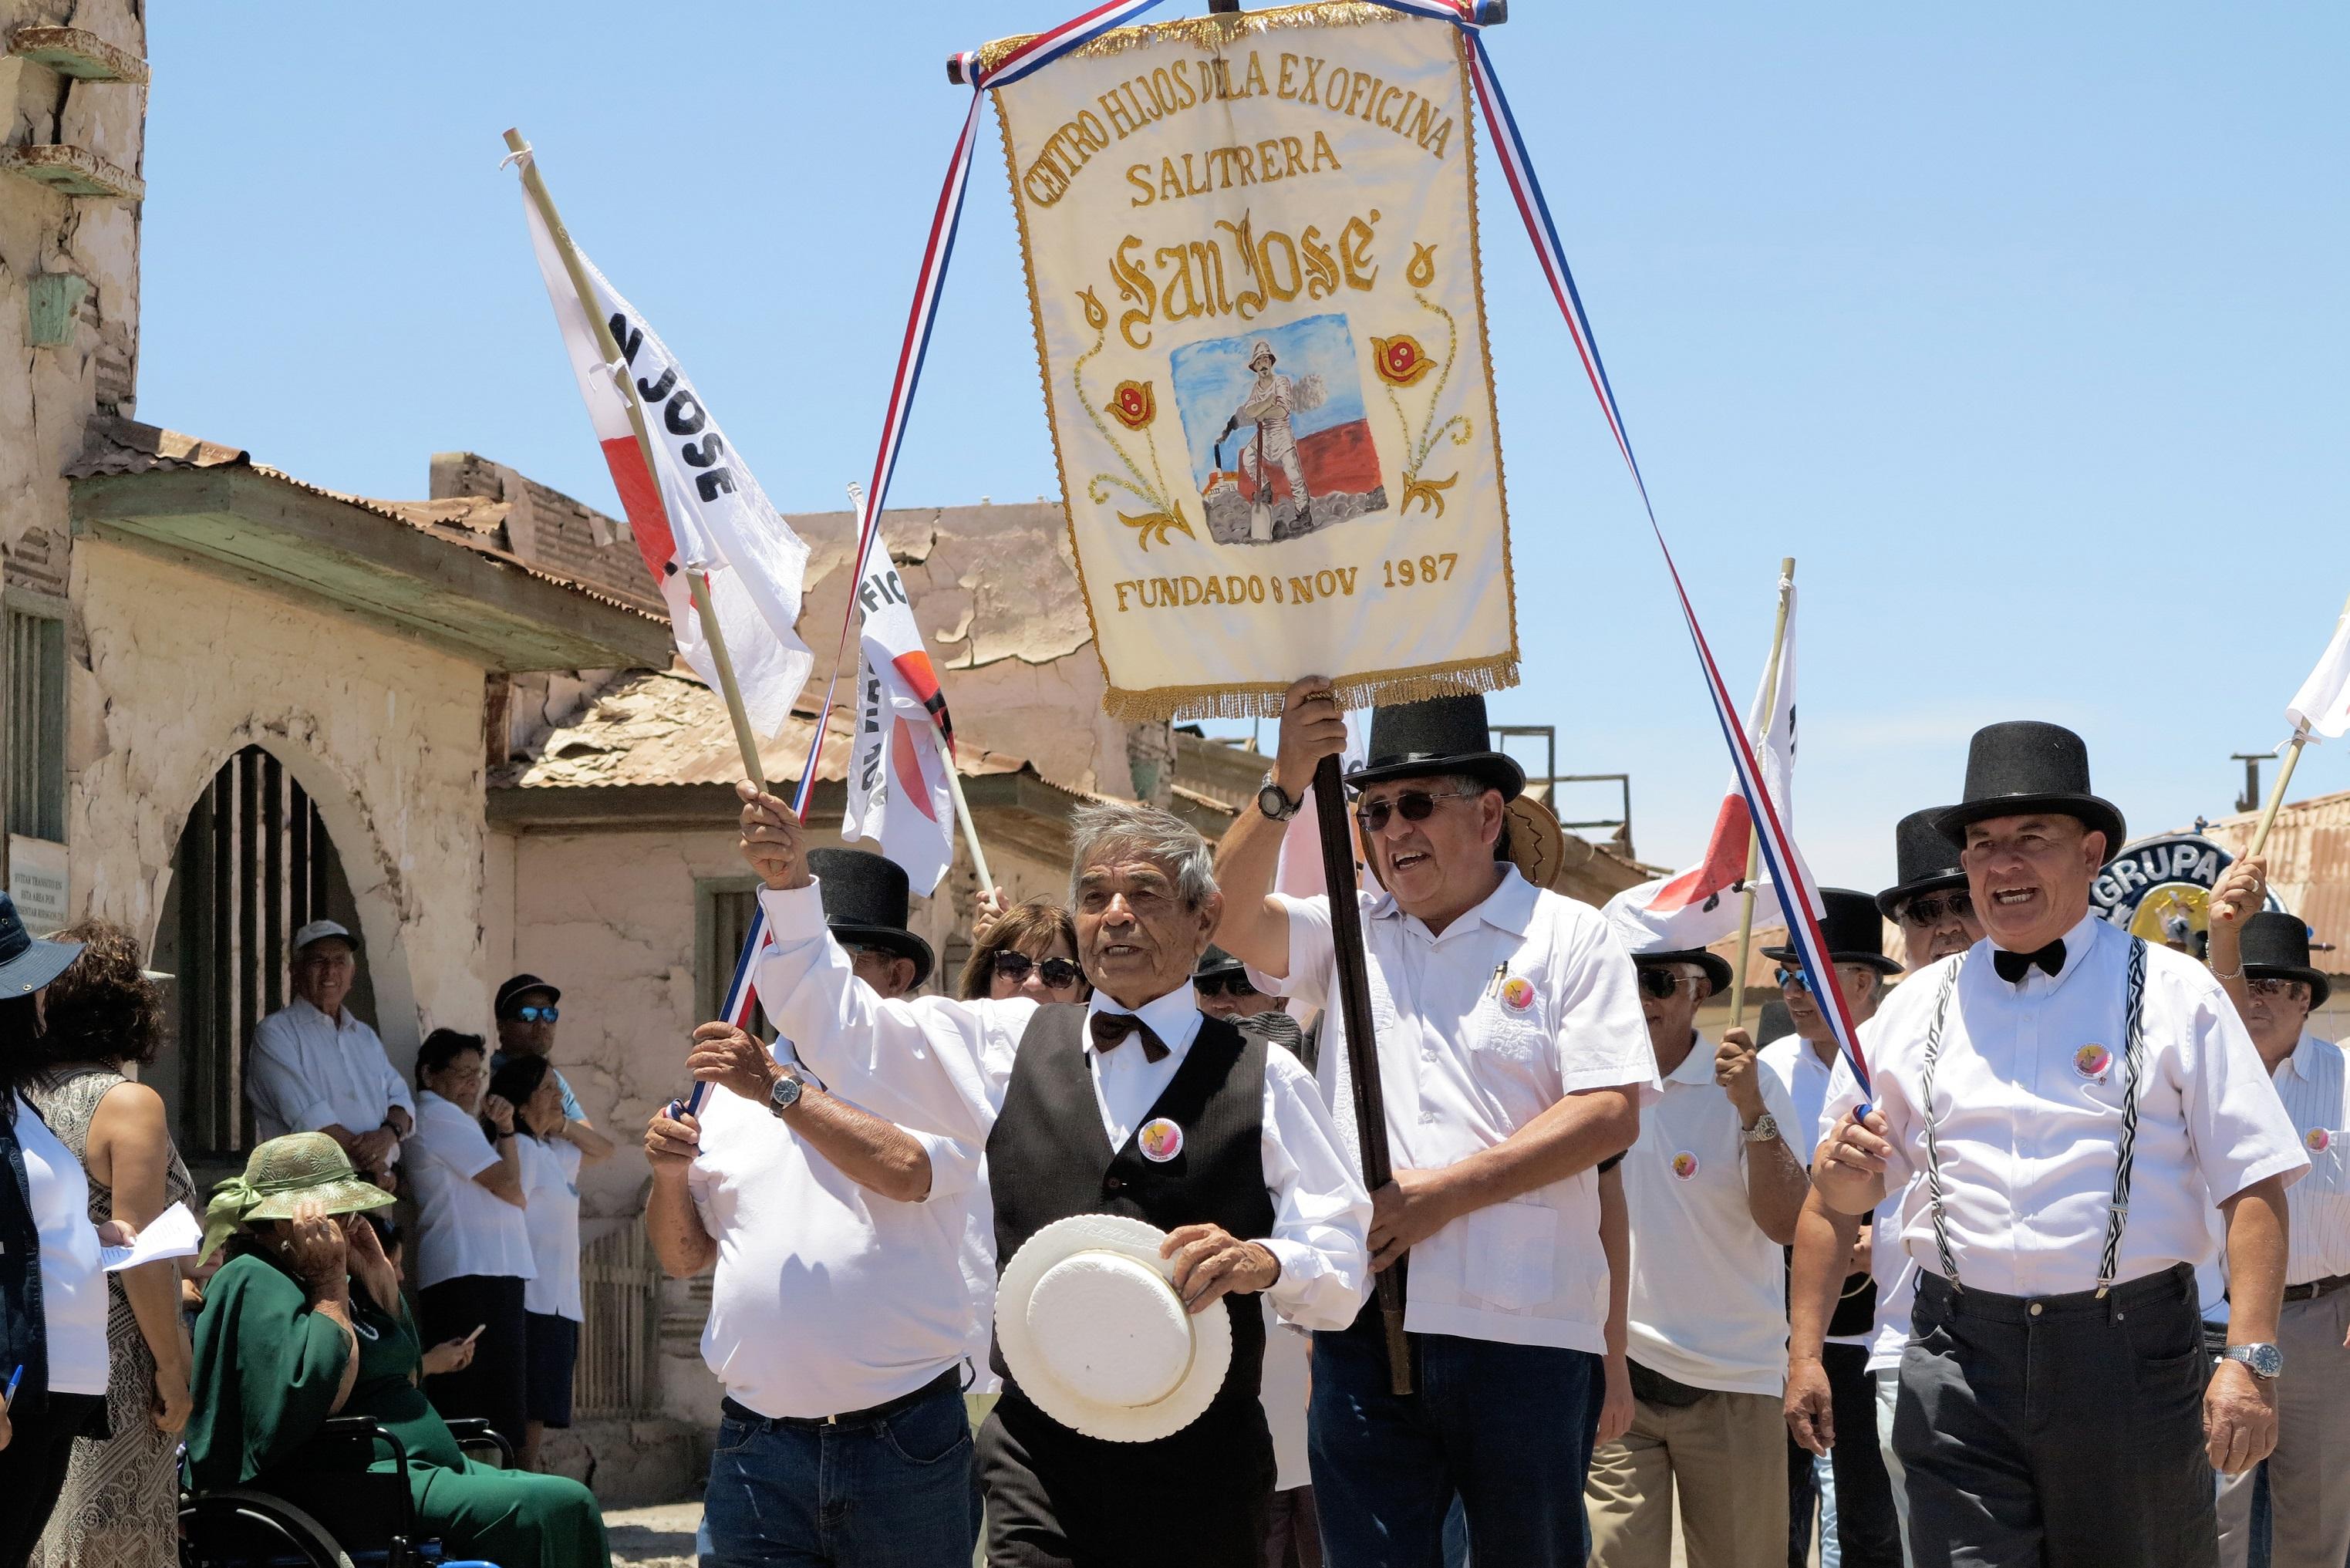 Celebración de la Semana del Salitre / Foto: Anyelina Rojas